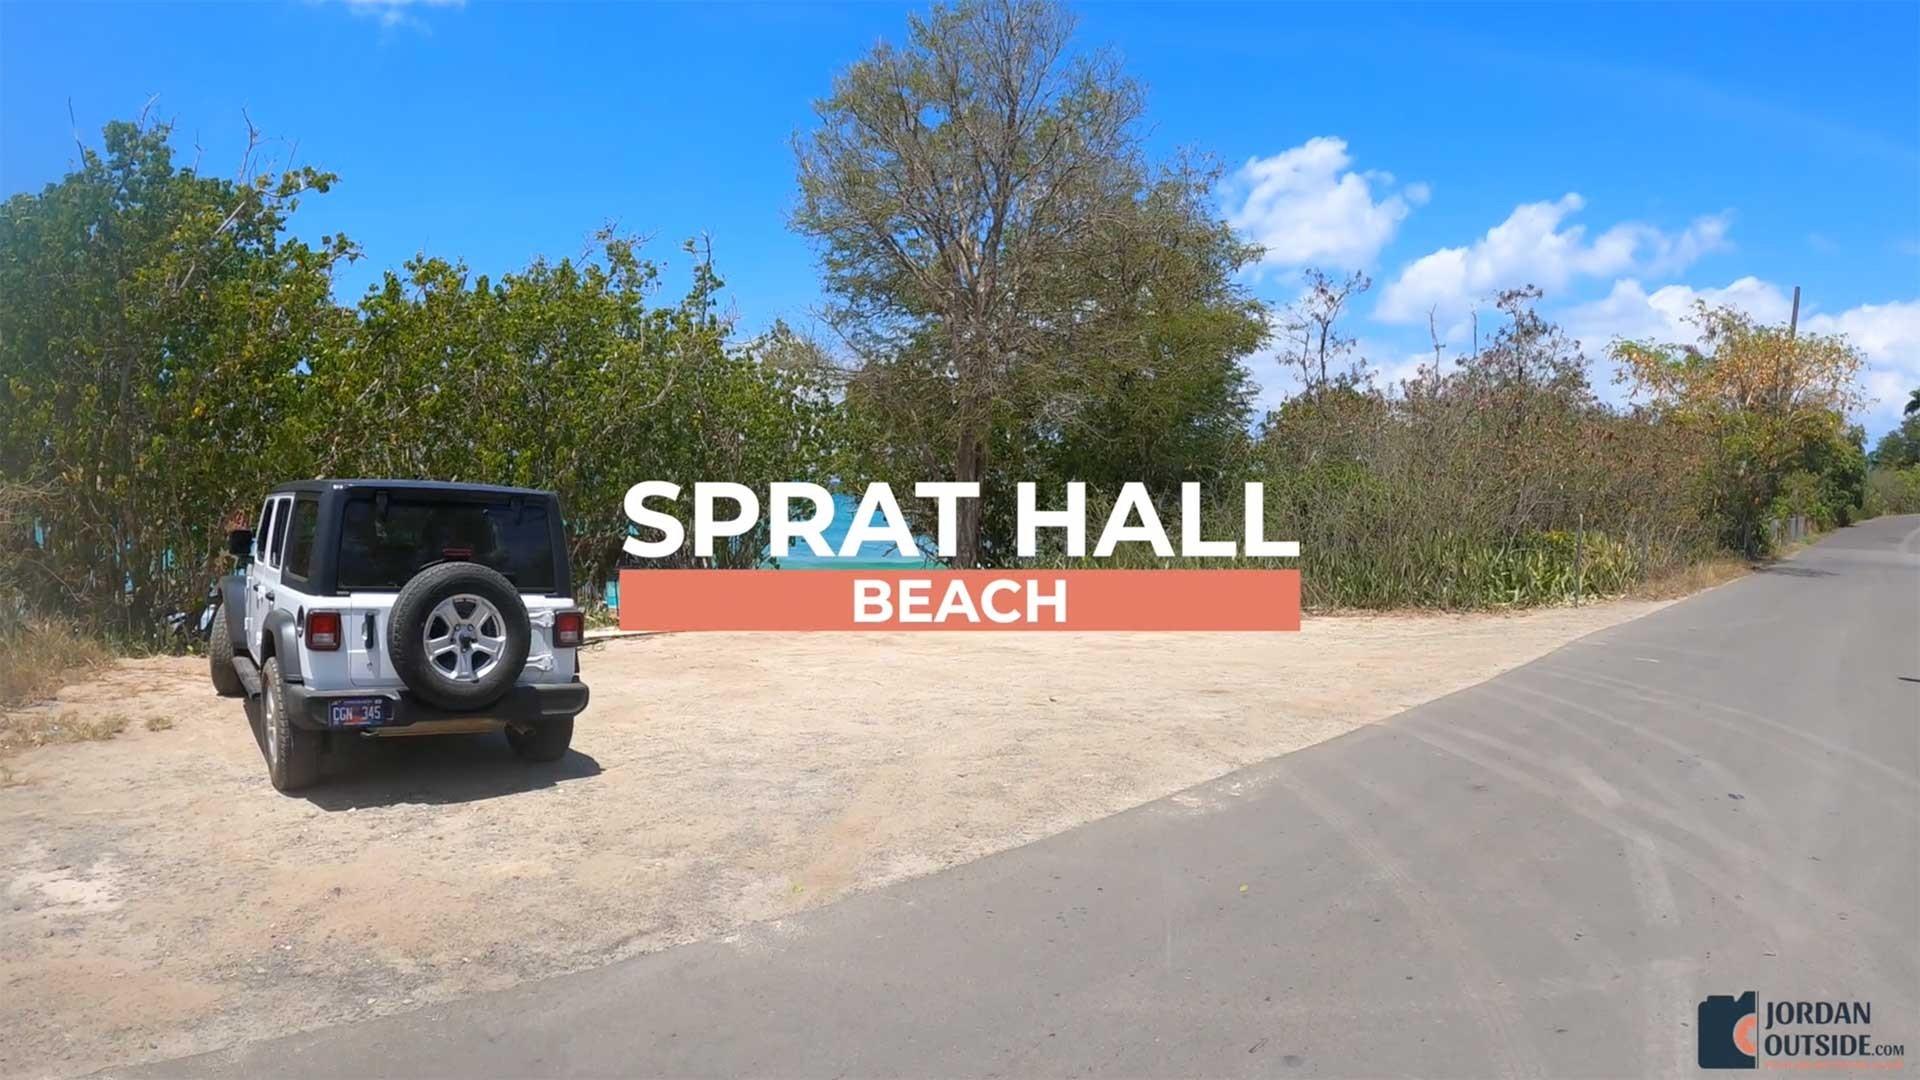 Sprat Hall Beach in St. Croix